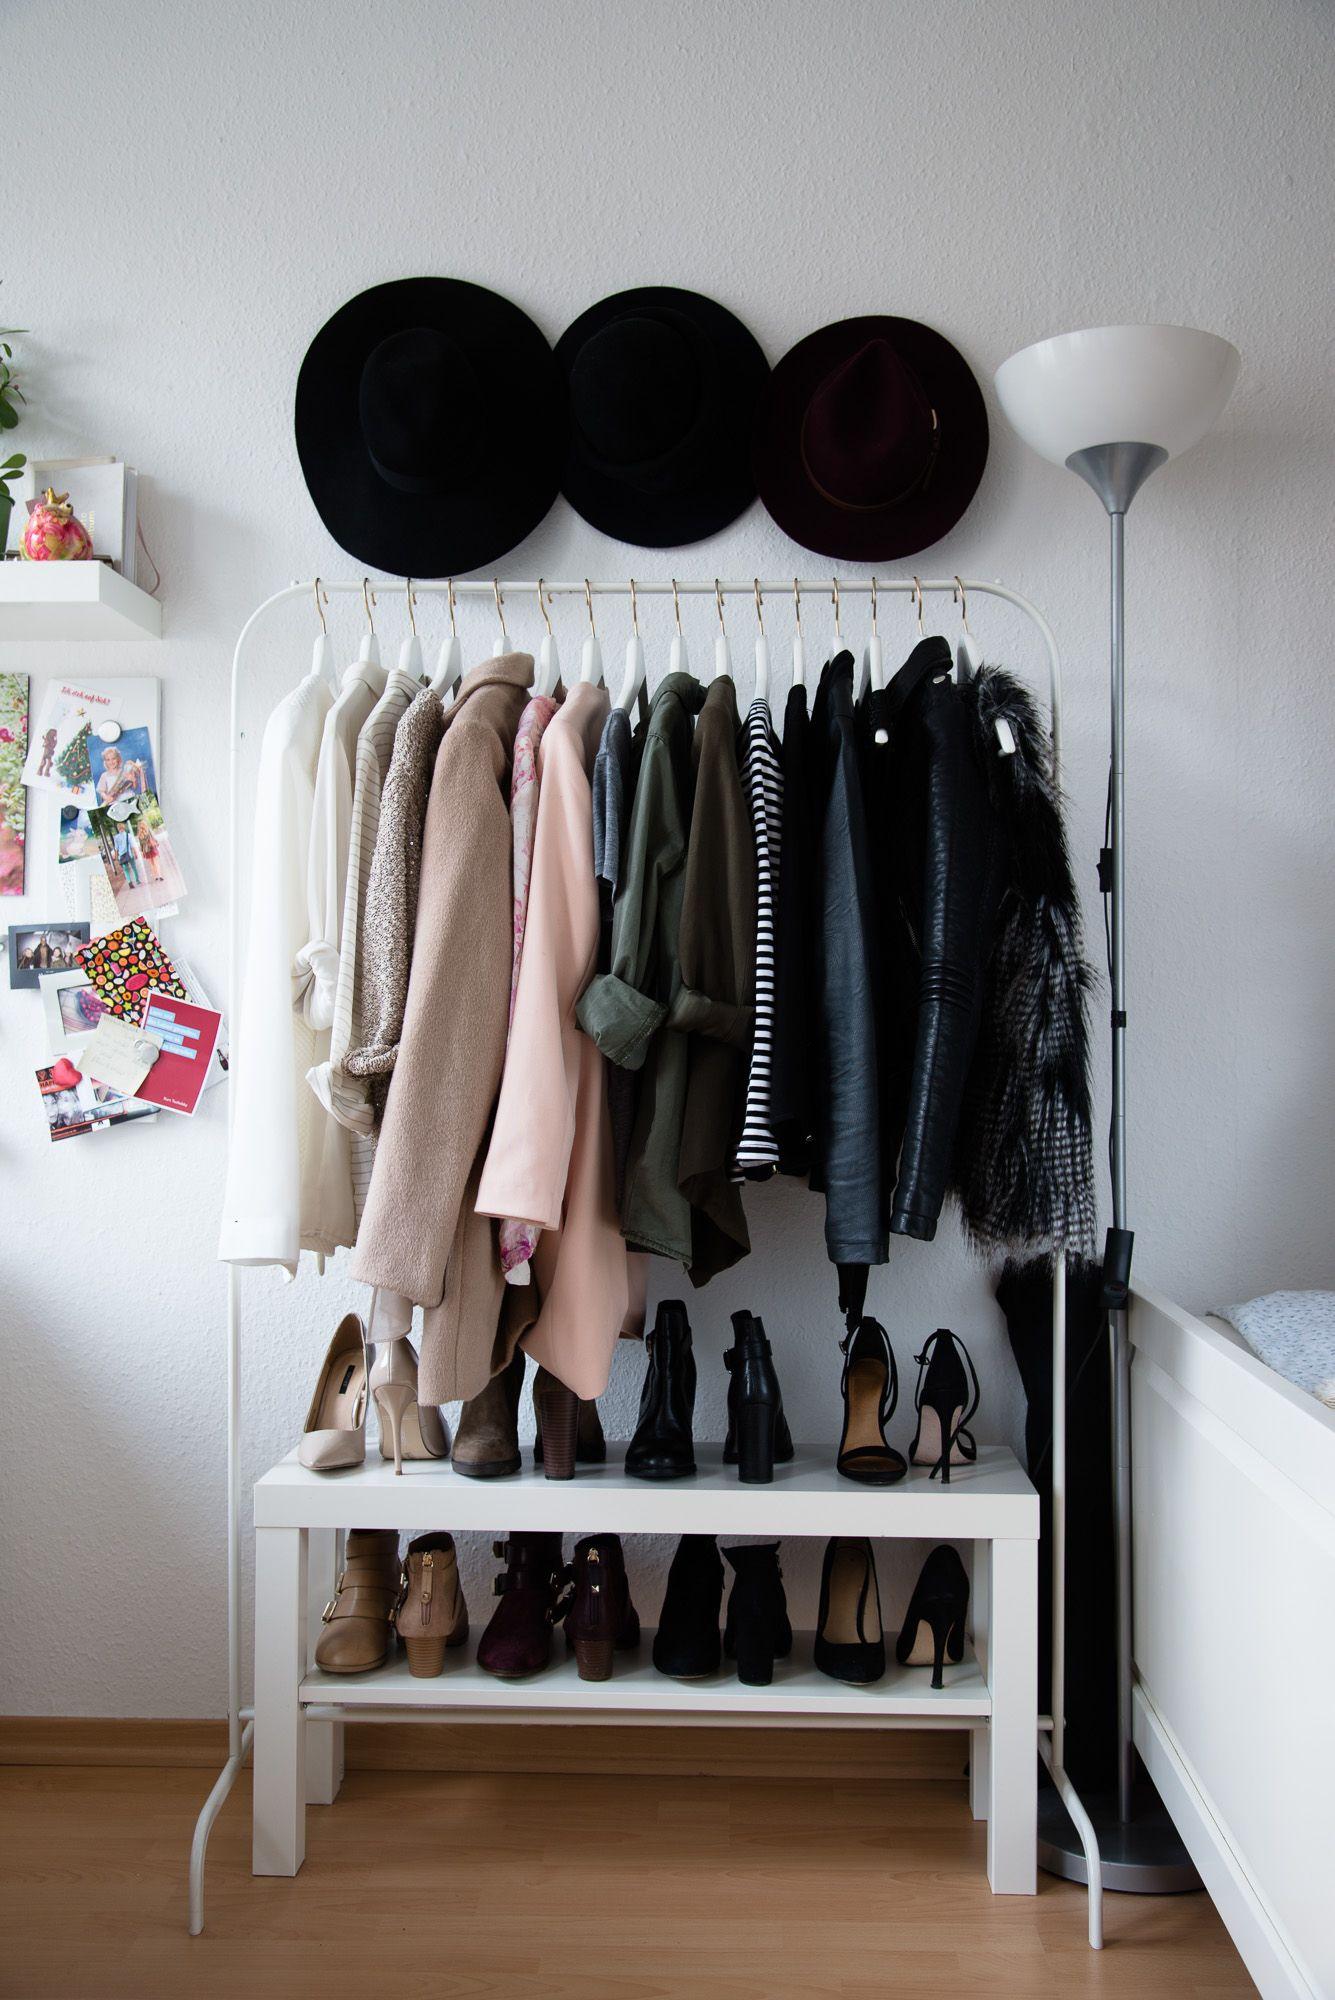 sch nheit erster ordnung sistermag pr sentiert das ikeamachtordnung blogger special mit luise. Black Bedroom Furniture Sets. Home Design Ideas